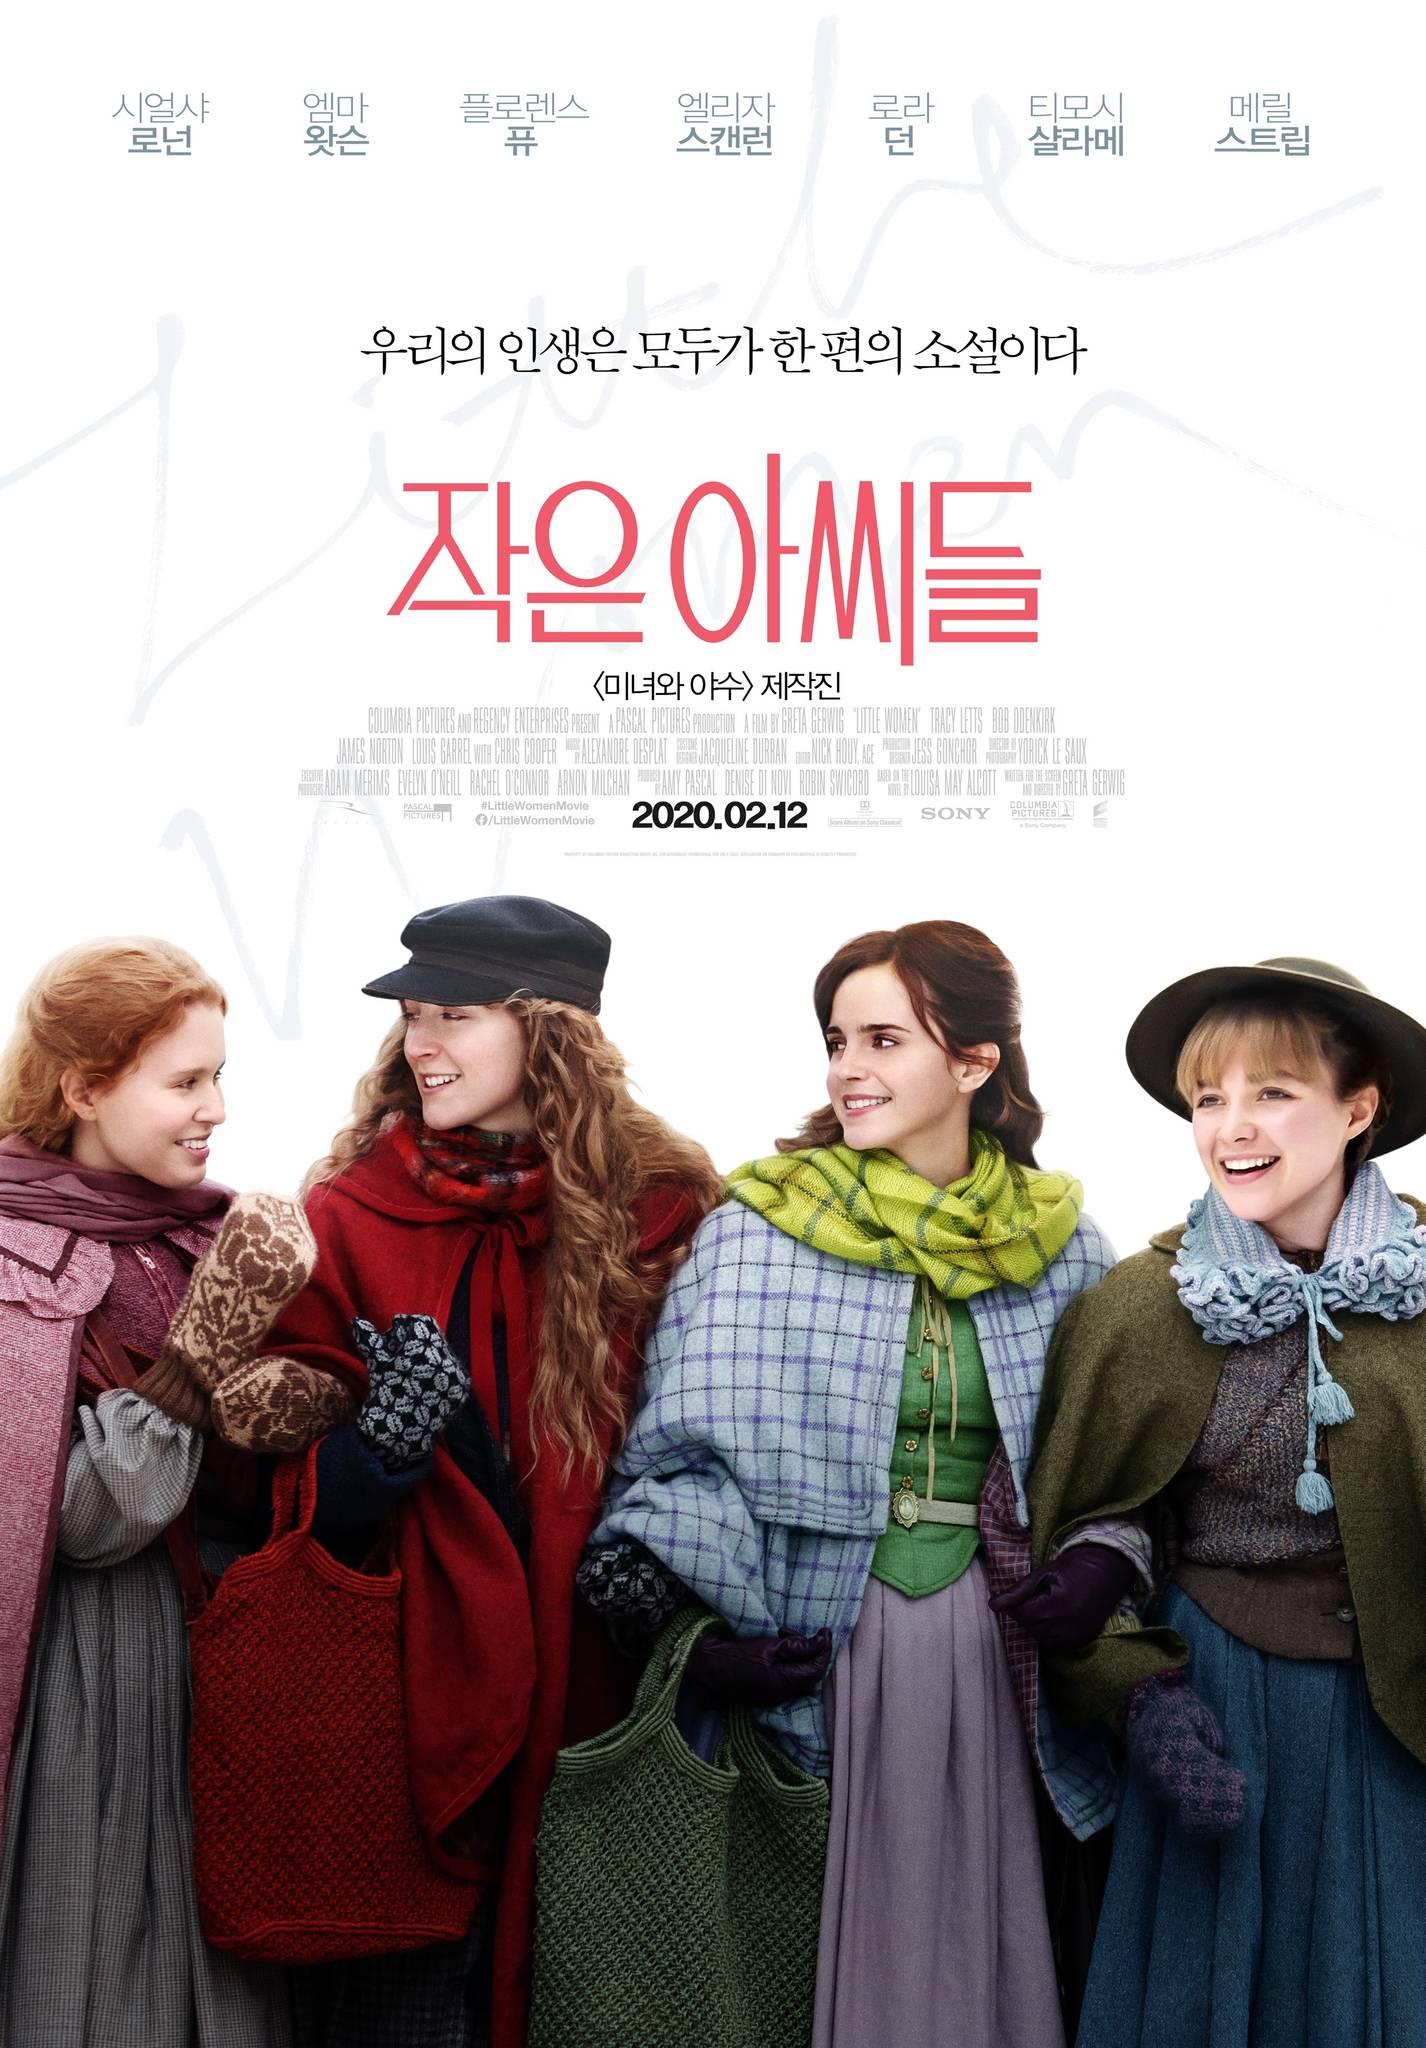 '여성 영화' 계보를 이을 게 분명한, 살아 있는 고전